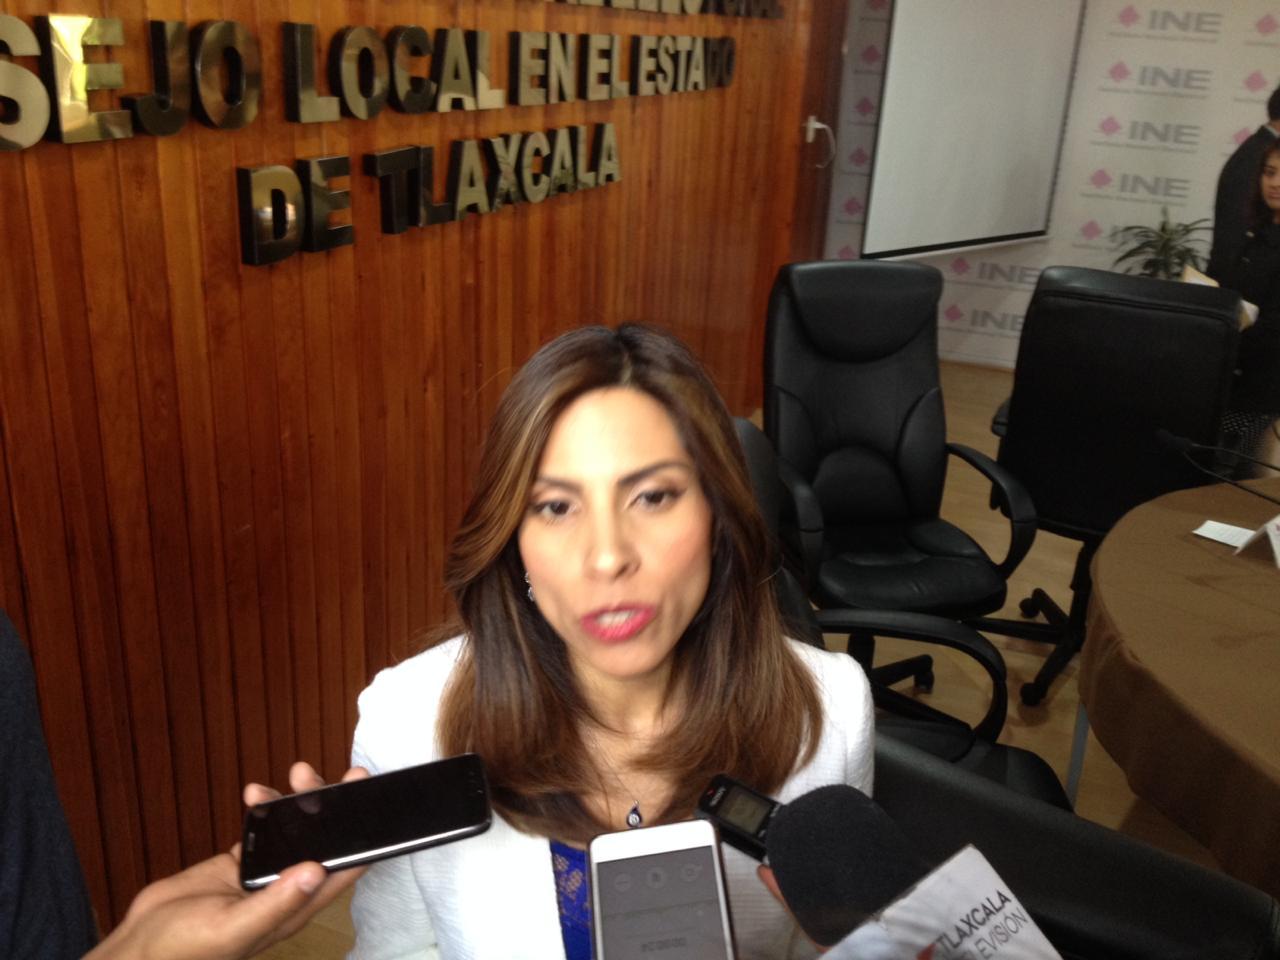 PES y PANAL ya presentaron su solicitud para ser partidos locales